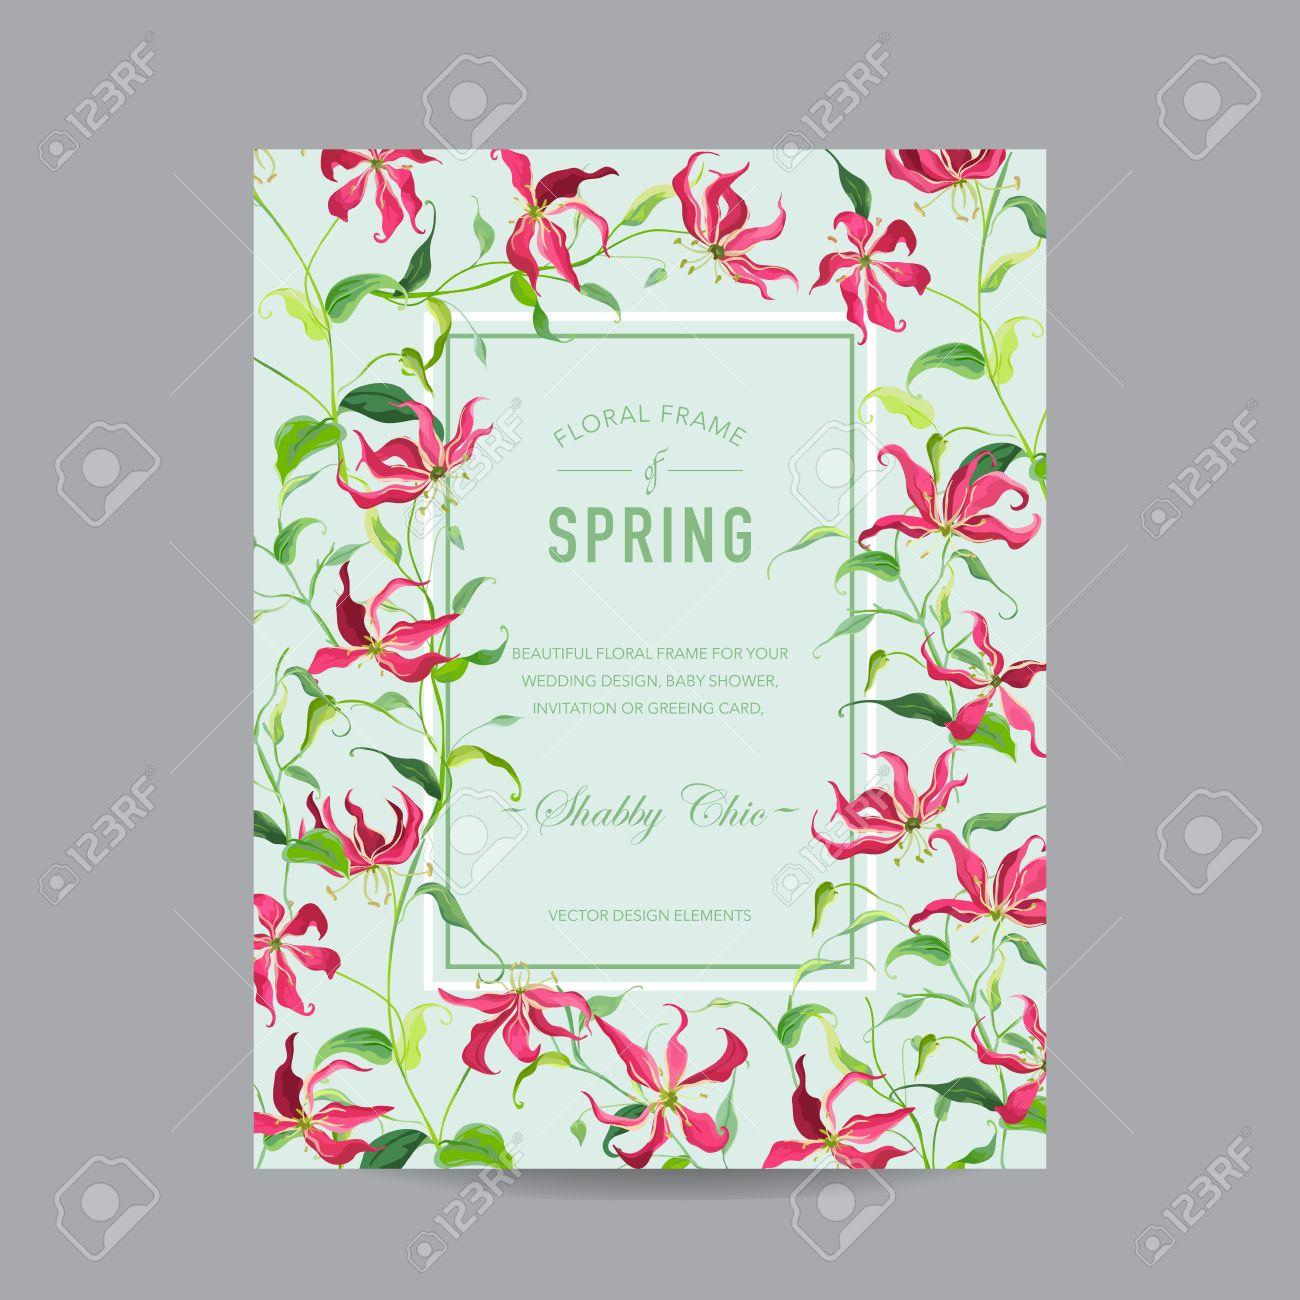 Standard Bild   Tropische Blumen Bunte Rahmen   Für Einladung, Hochzeit,  Baby Dusche Karte   In Vektor